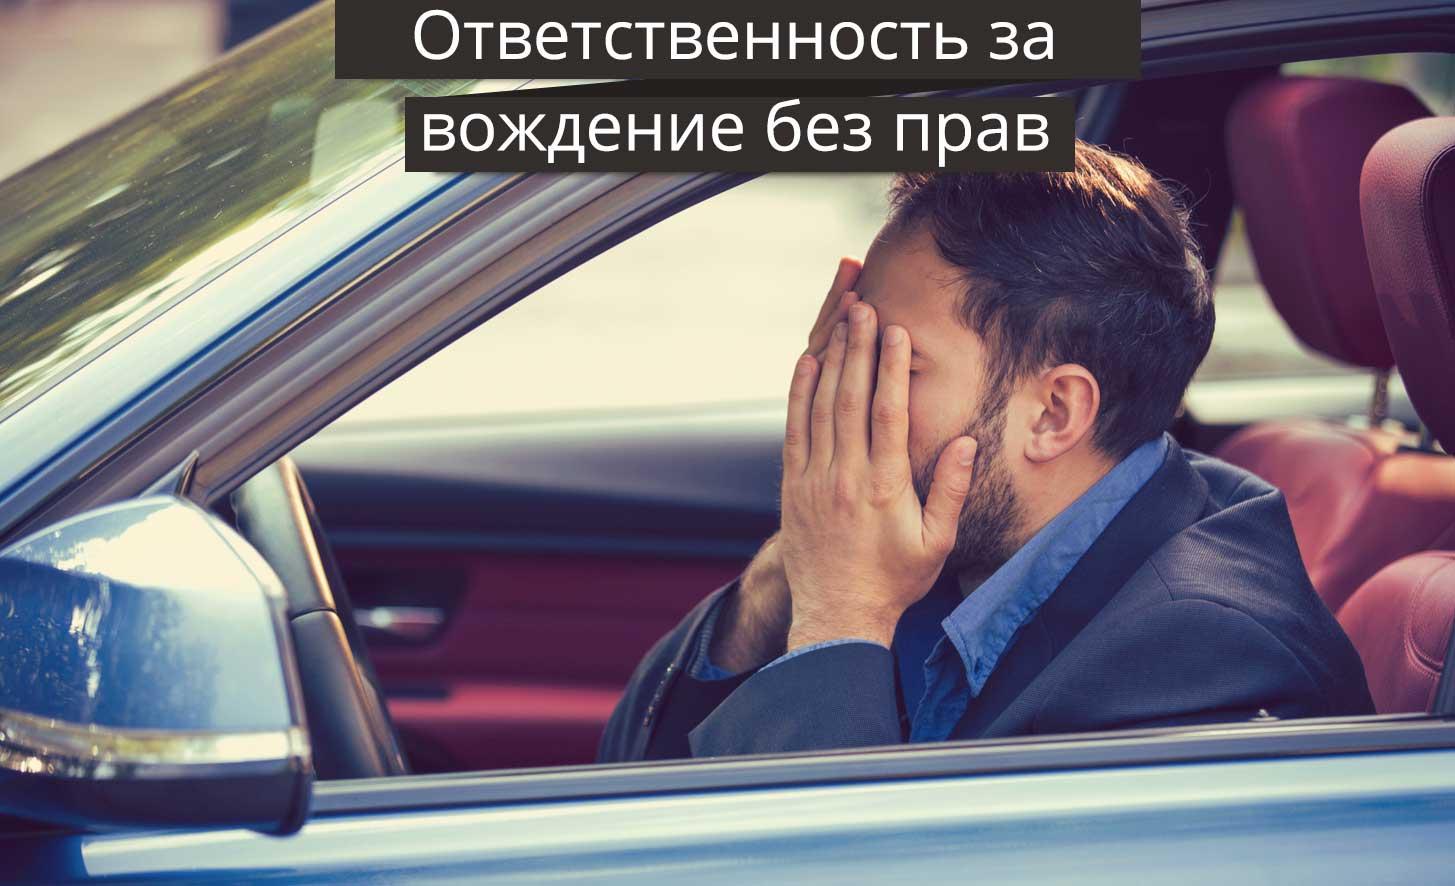 Водитель за рулем закрыл лицо